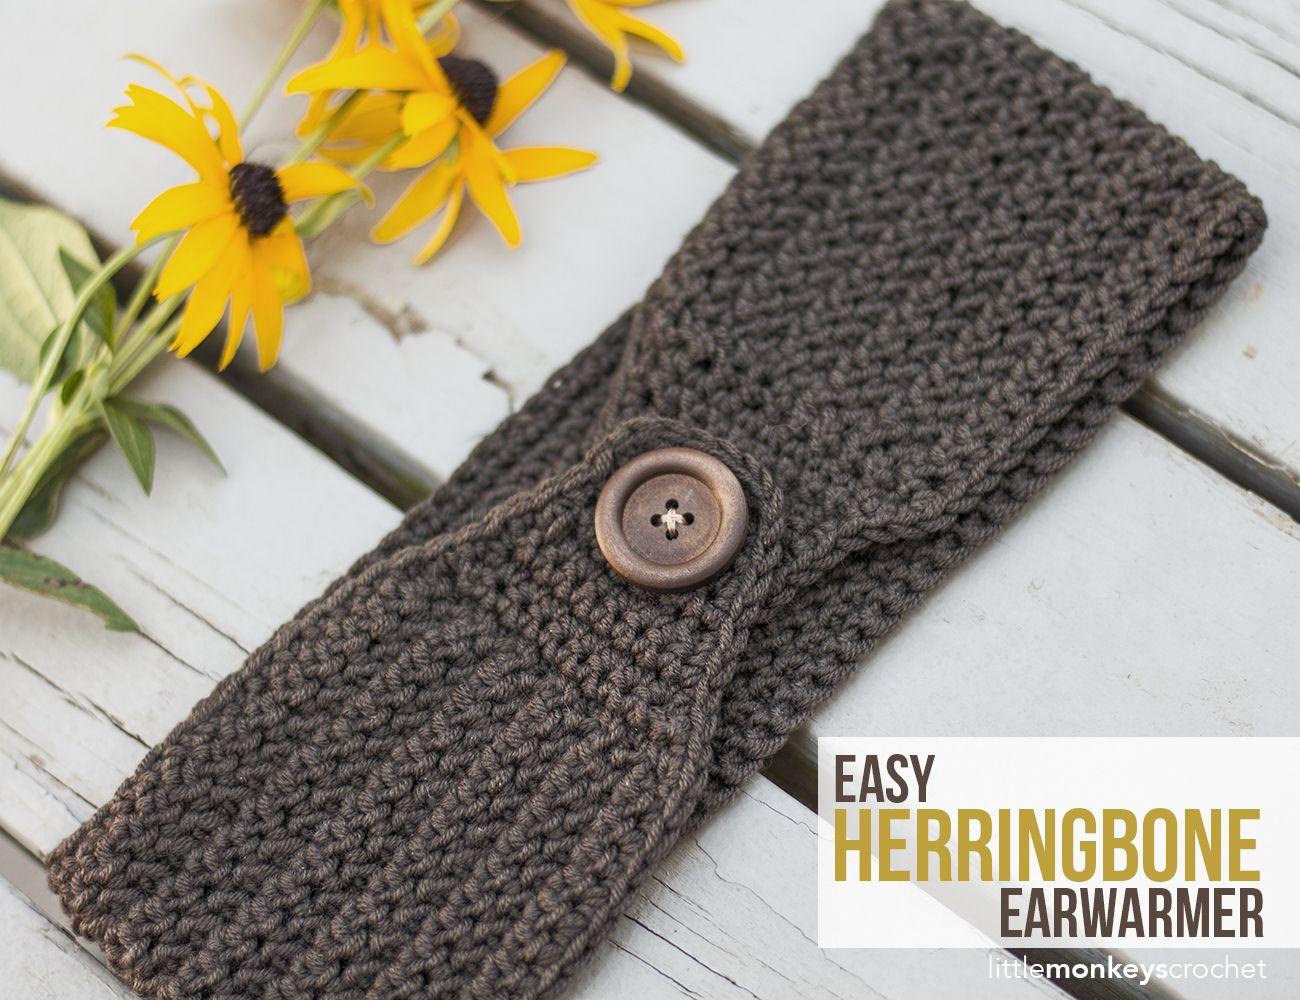 Easy Herringbone Earwarmer Crochet Pattern Free Button